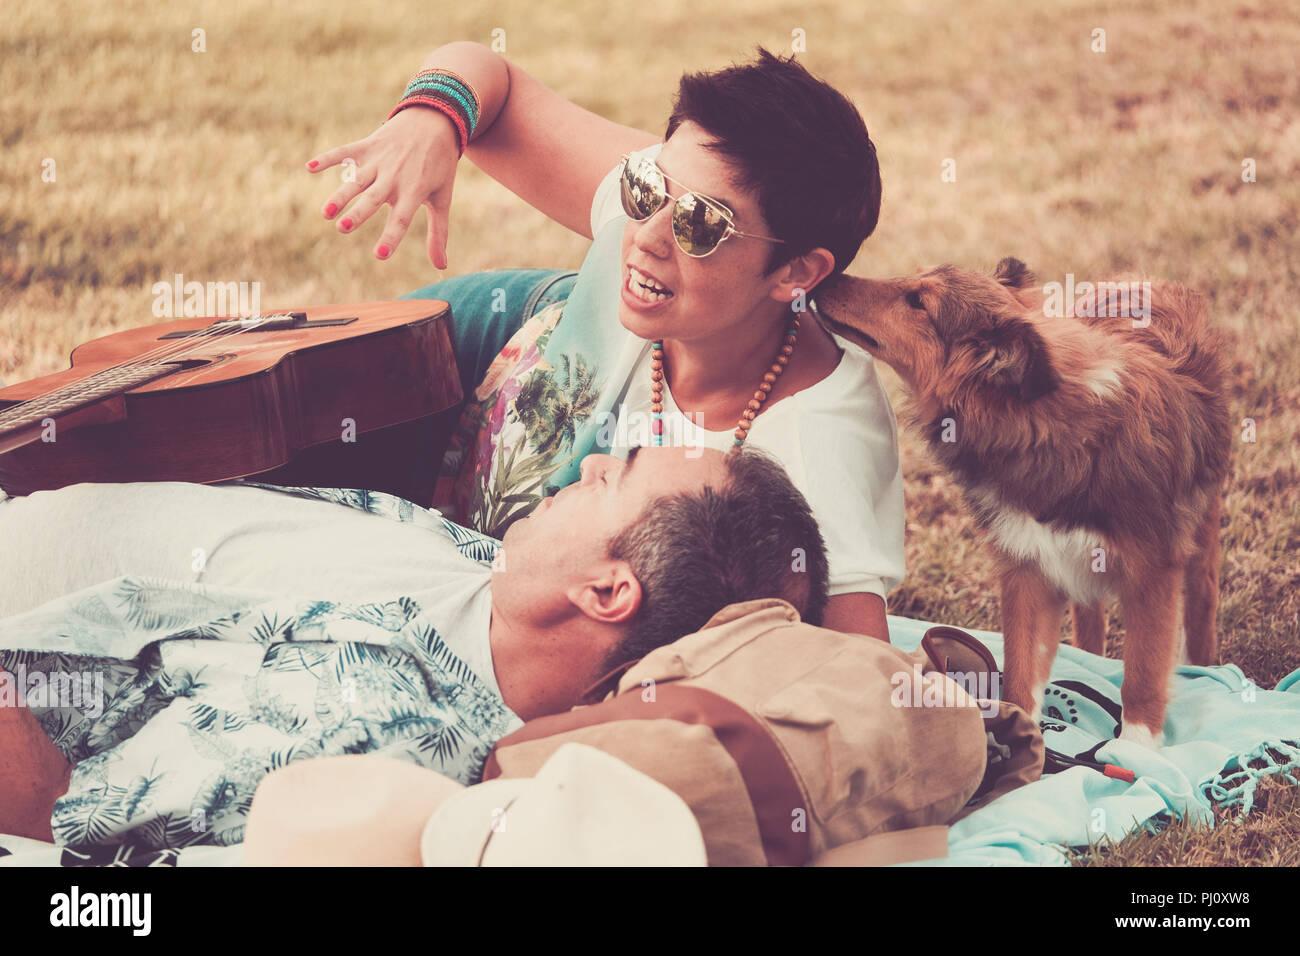 Romantico vintage in scena con la giovane bella donna e uomo stabilisce sull'erba godendo il giorno. poco giovane animale shetland baciarla. hippy una pacifica Immagini Stock